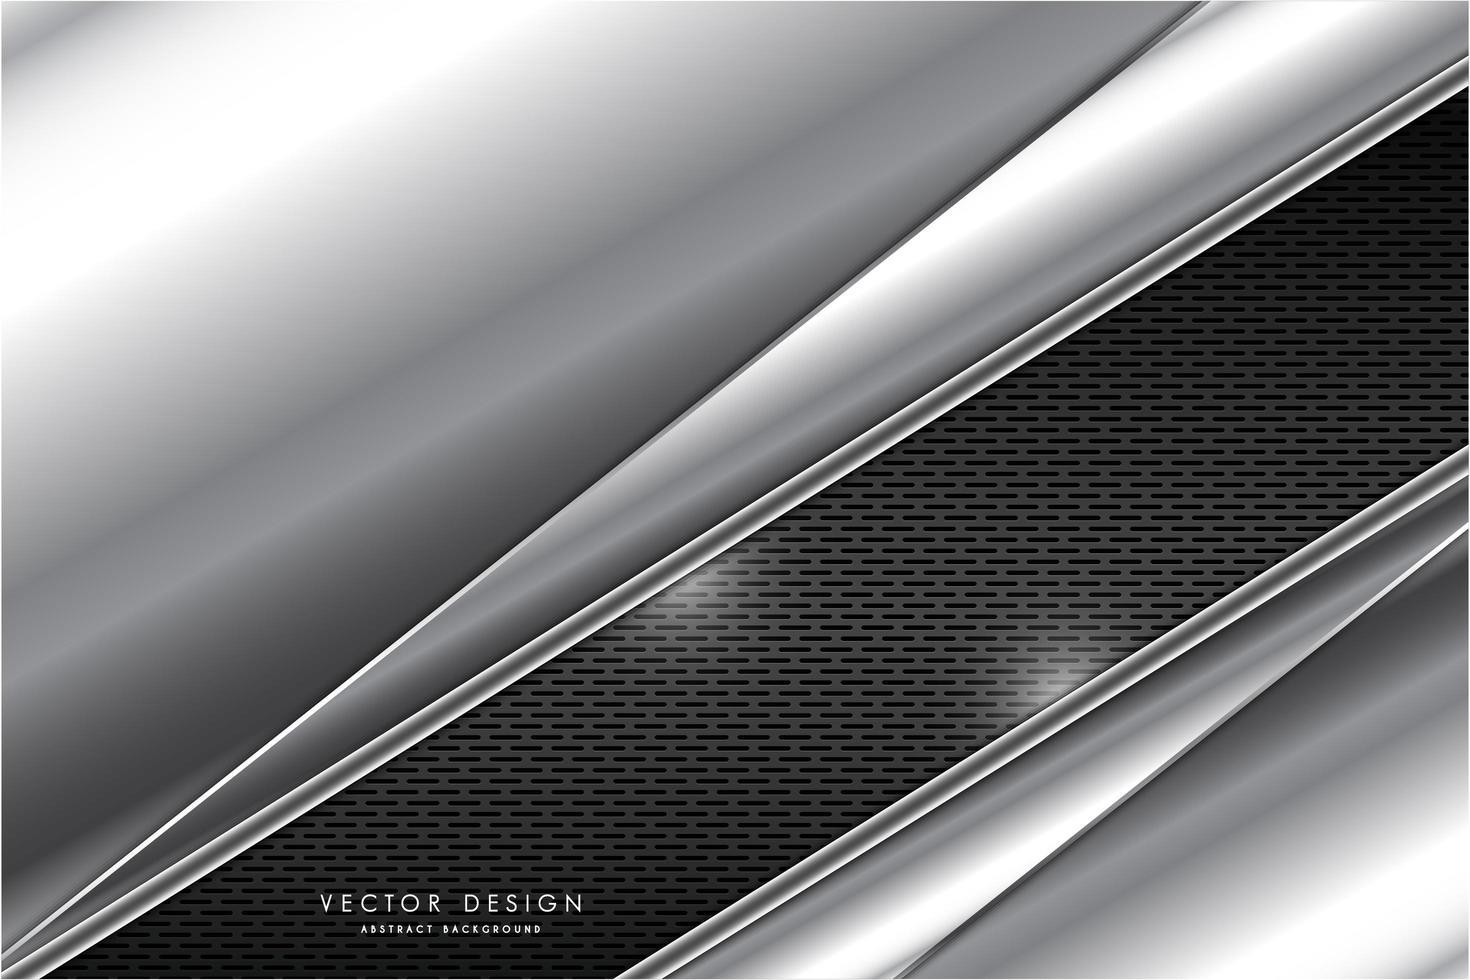 metallic zilver schuine platen over grijze rooster textuur vector